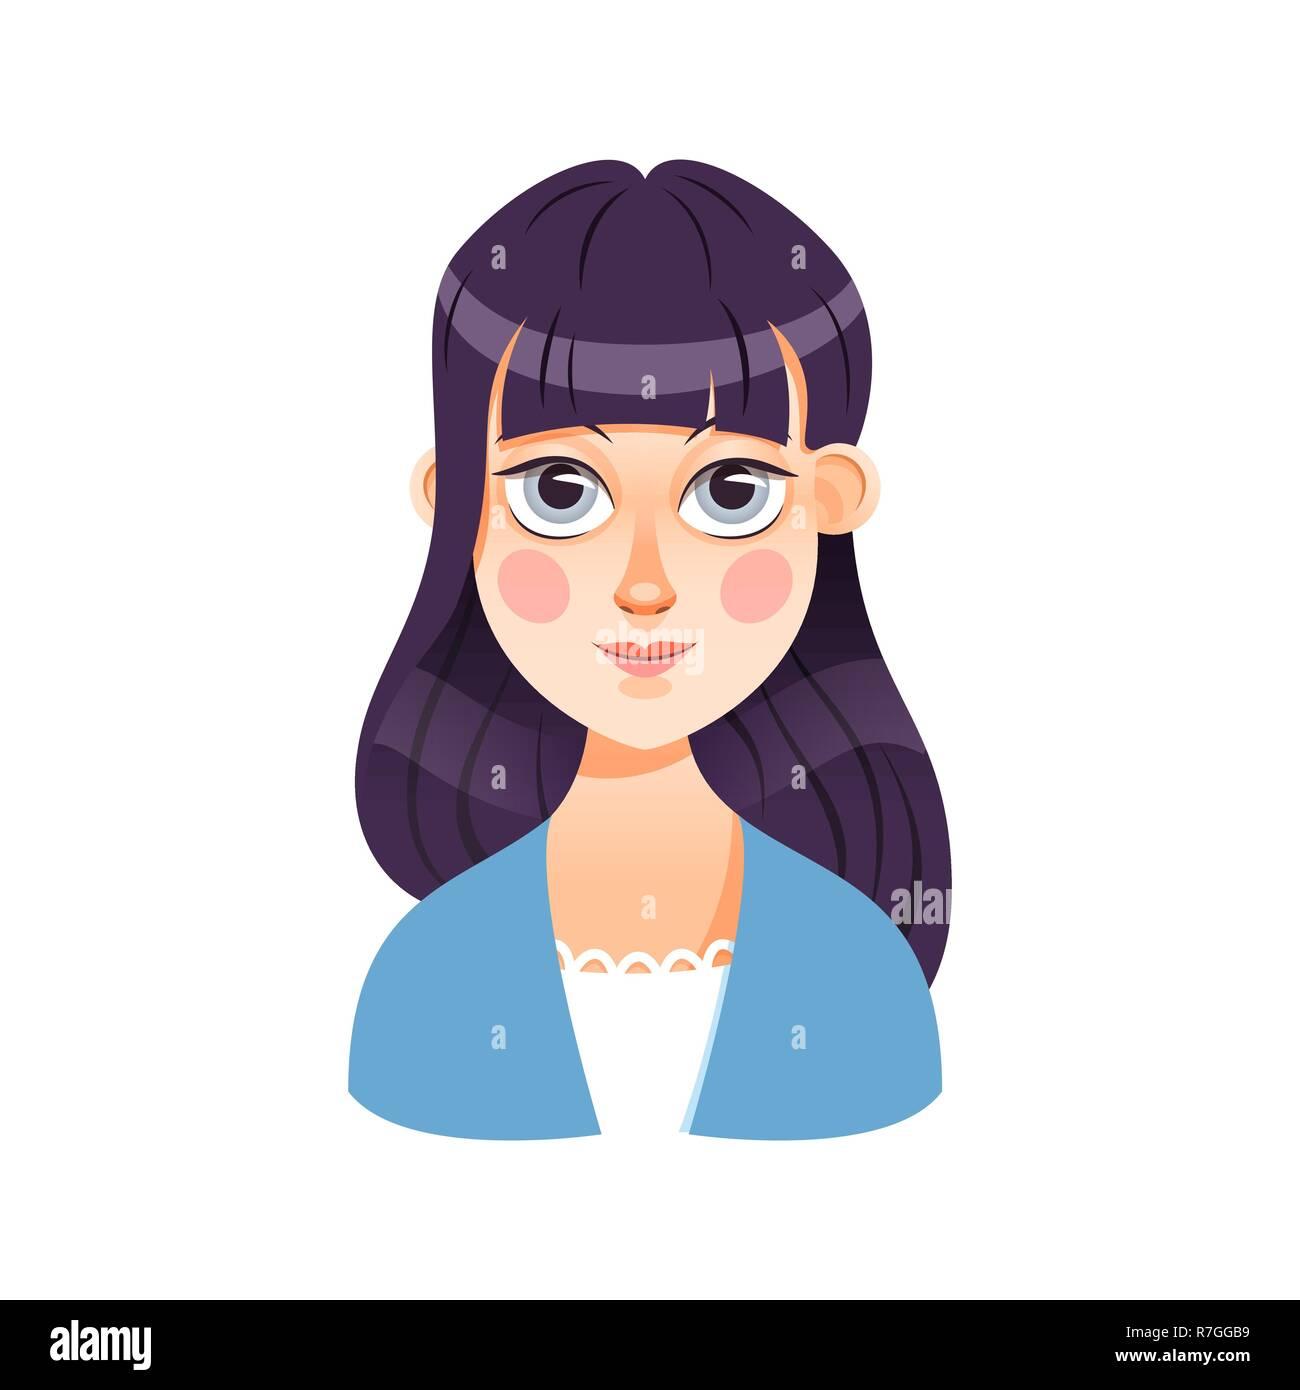 Lustige cartoon Charakter. Stockbild